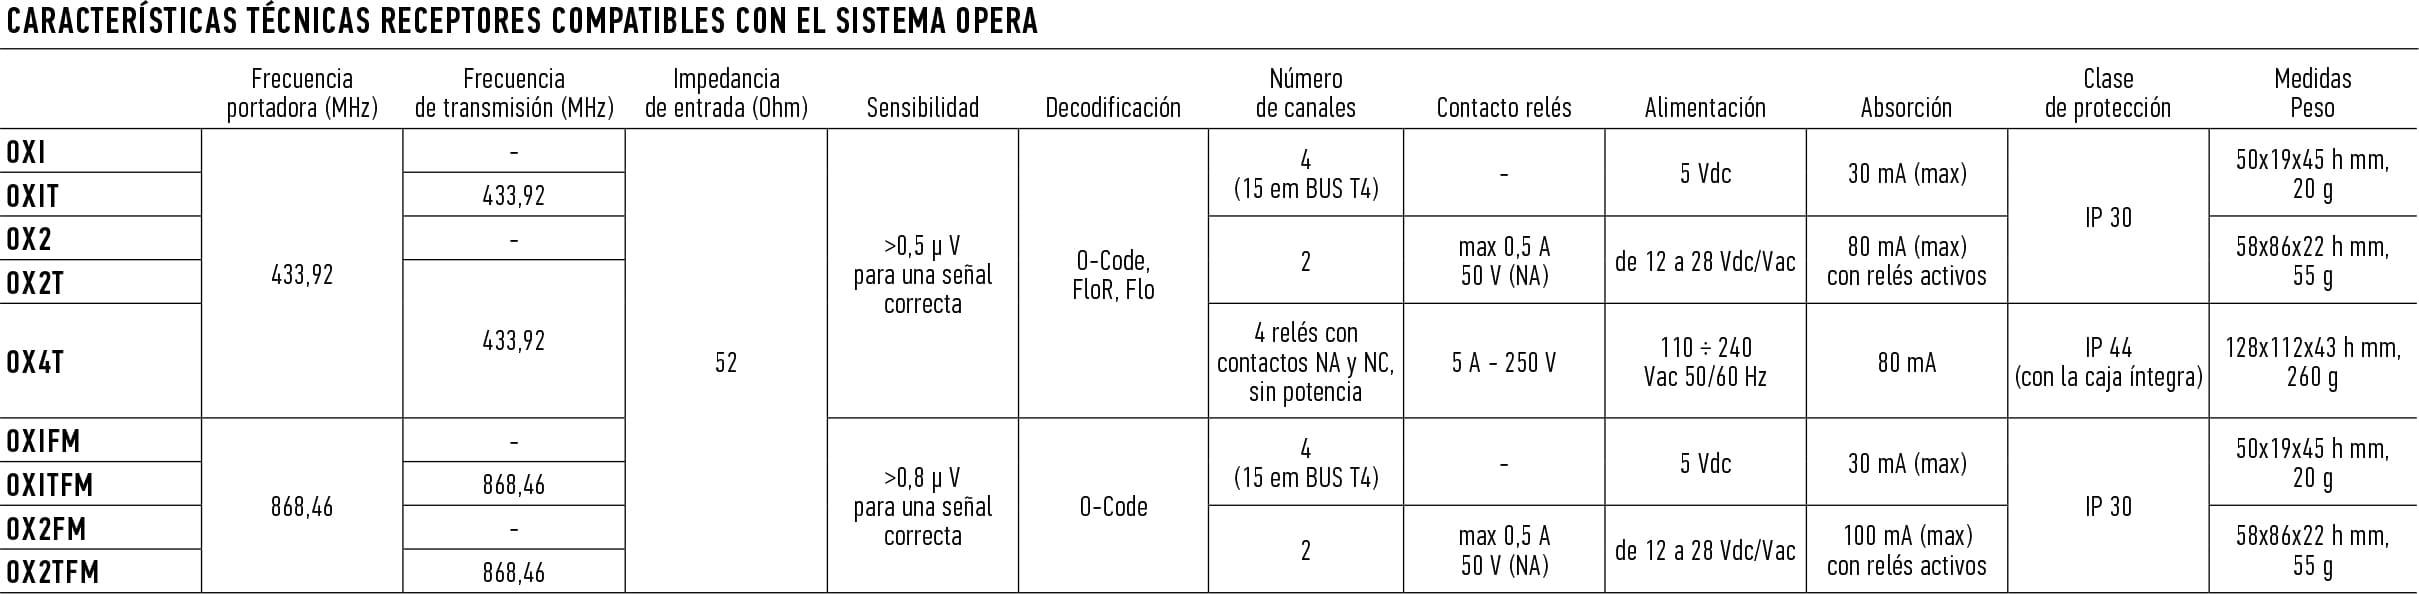 receptores-compatibles-opera